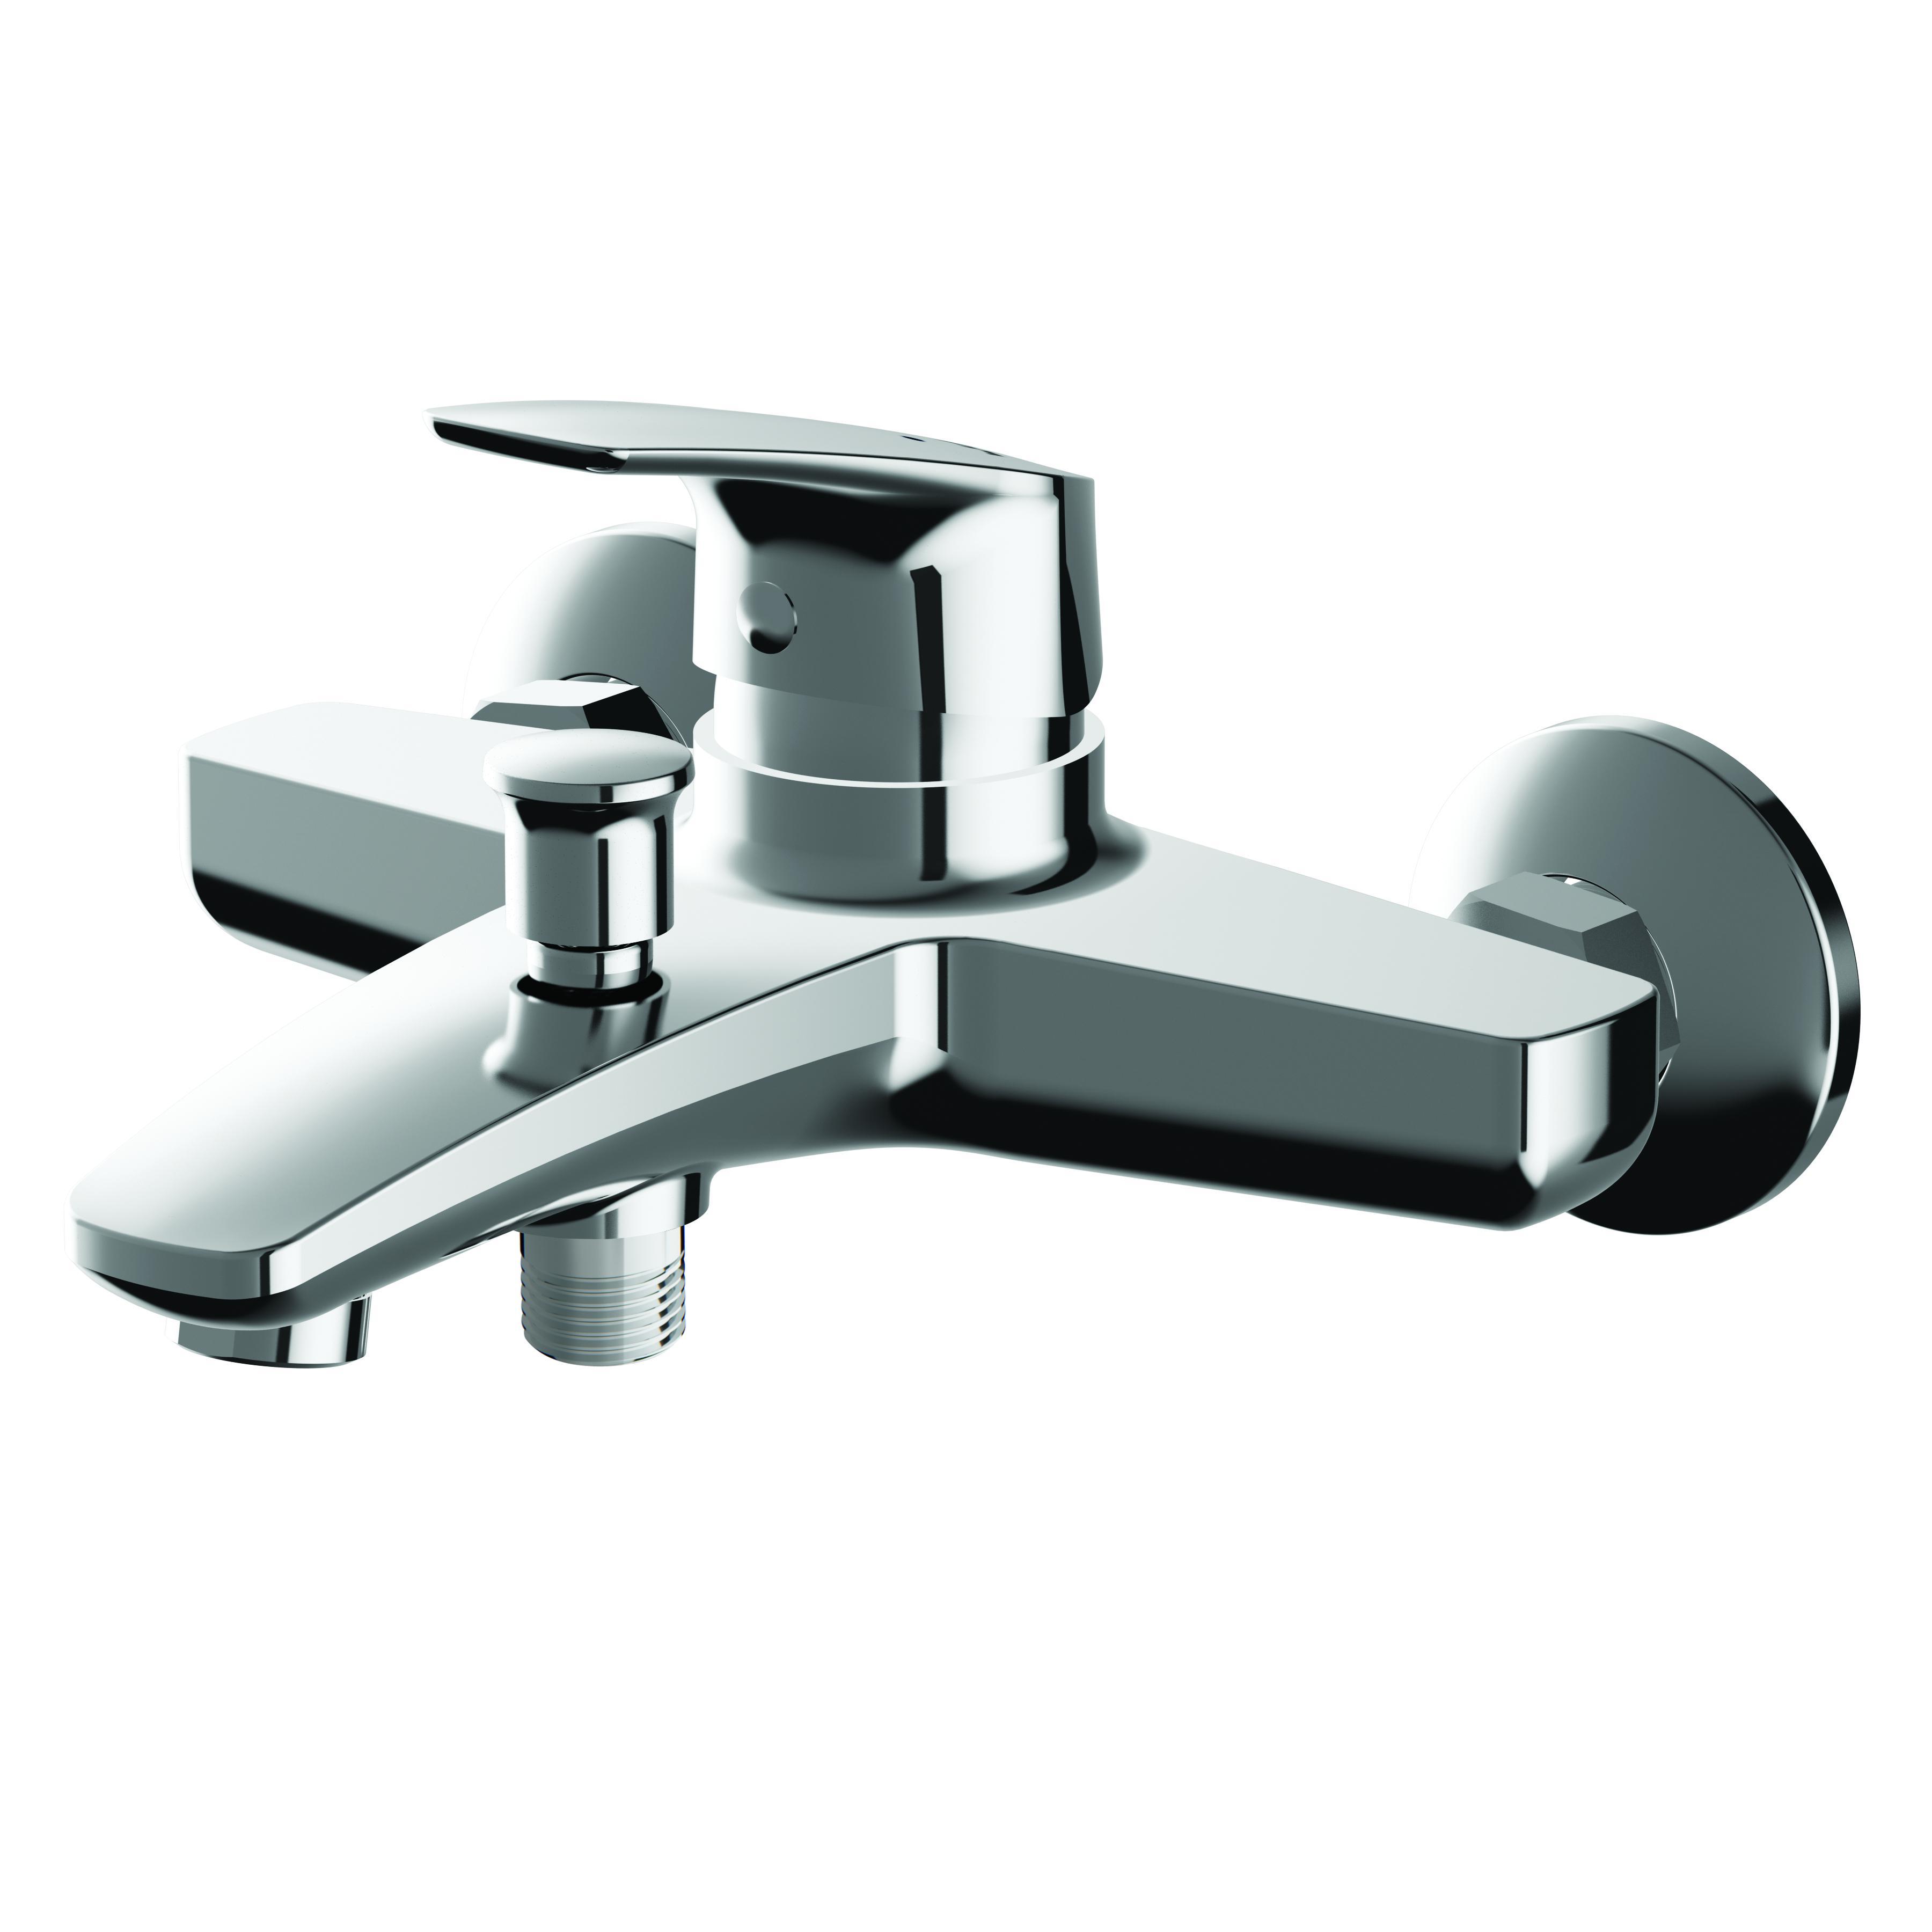 Смеситель Am pm F9010000 смеситель am pm gem f9010000 для ванны